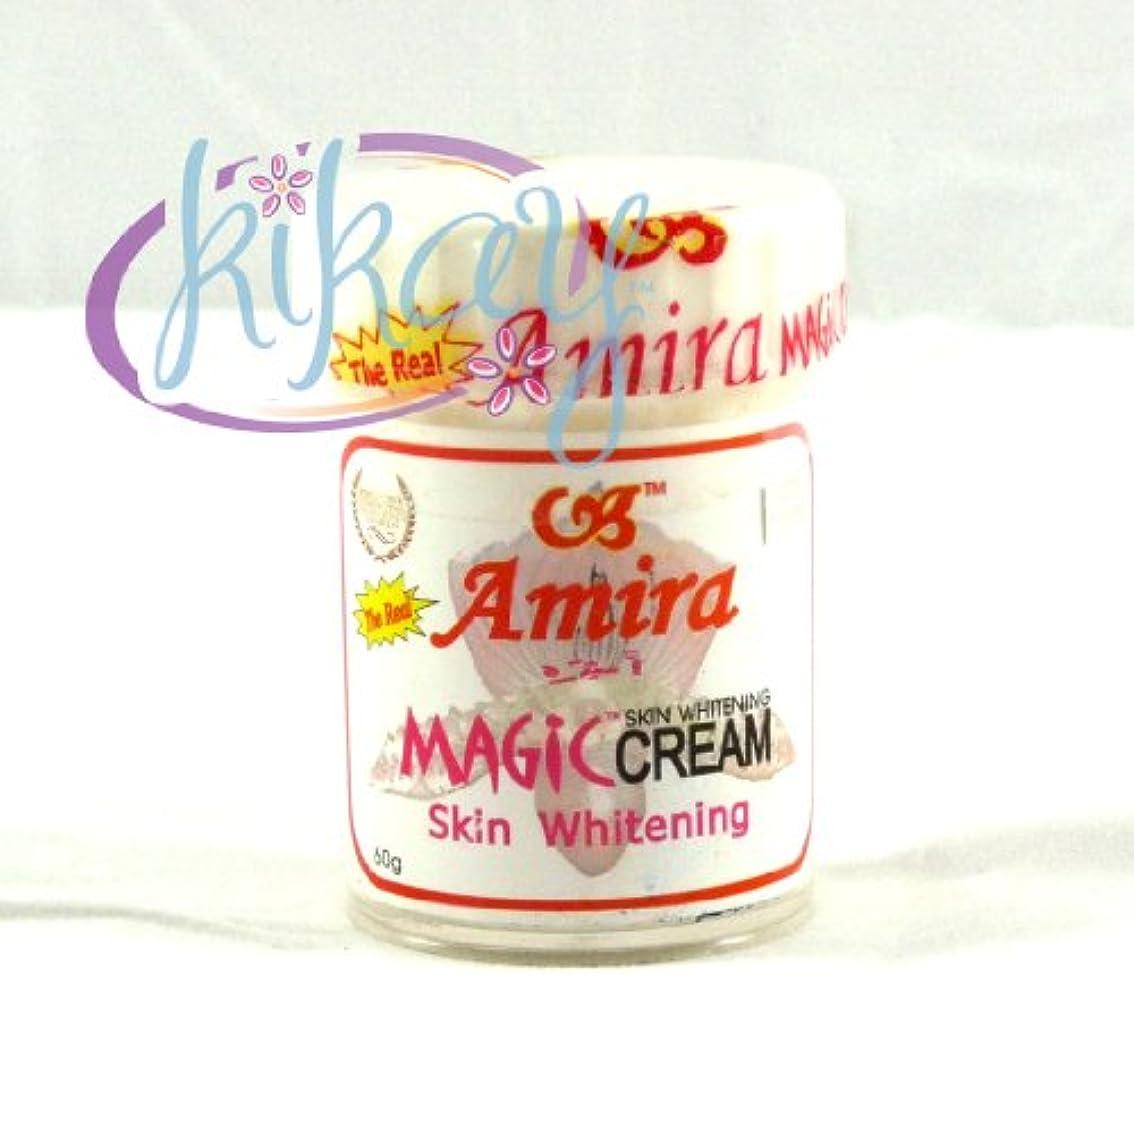 昼食結果パフAMIRA THE REAL MAGIC CREAM【SKIN WHITENING CREAM 60g】PHILIPPINES〈スキン ホワイトニング クリーム〉フィリピン